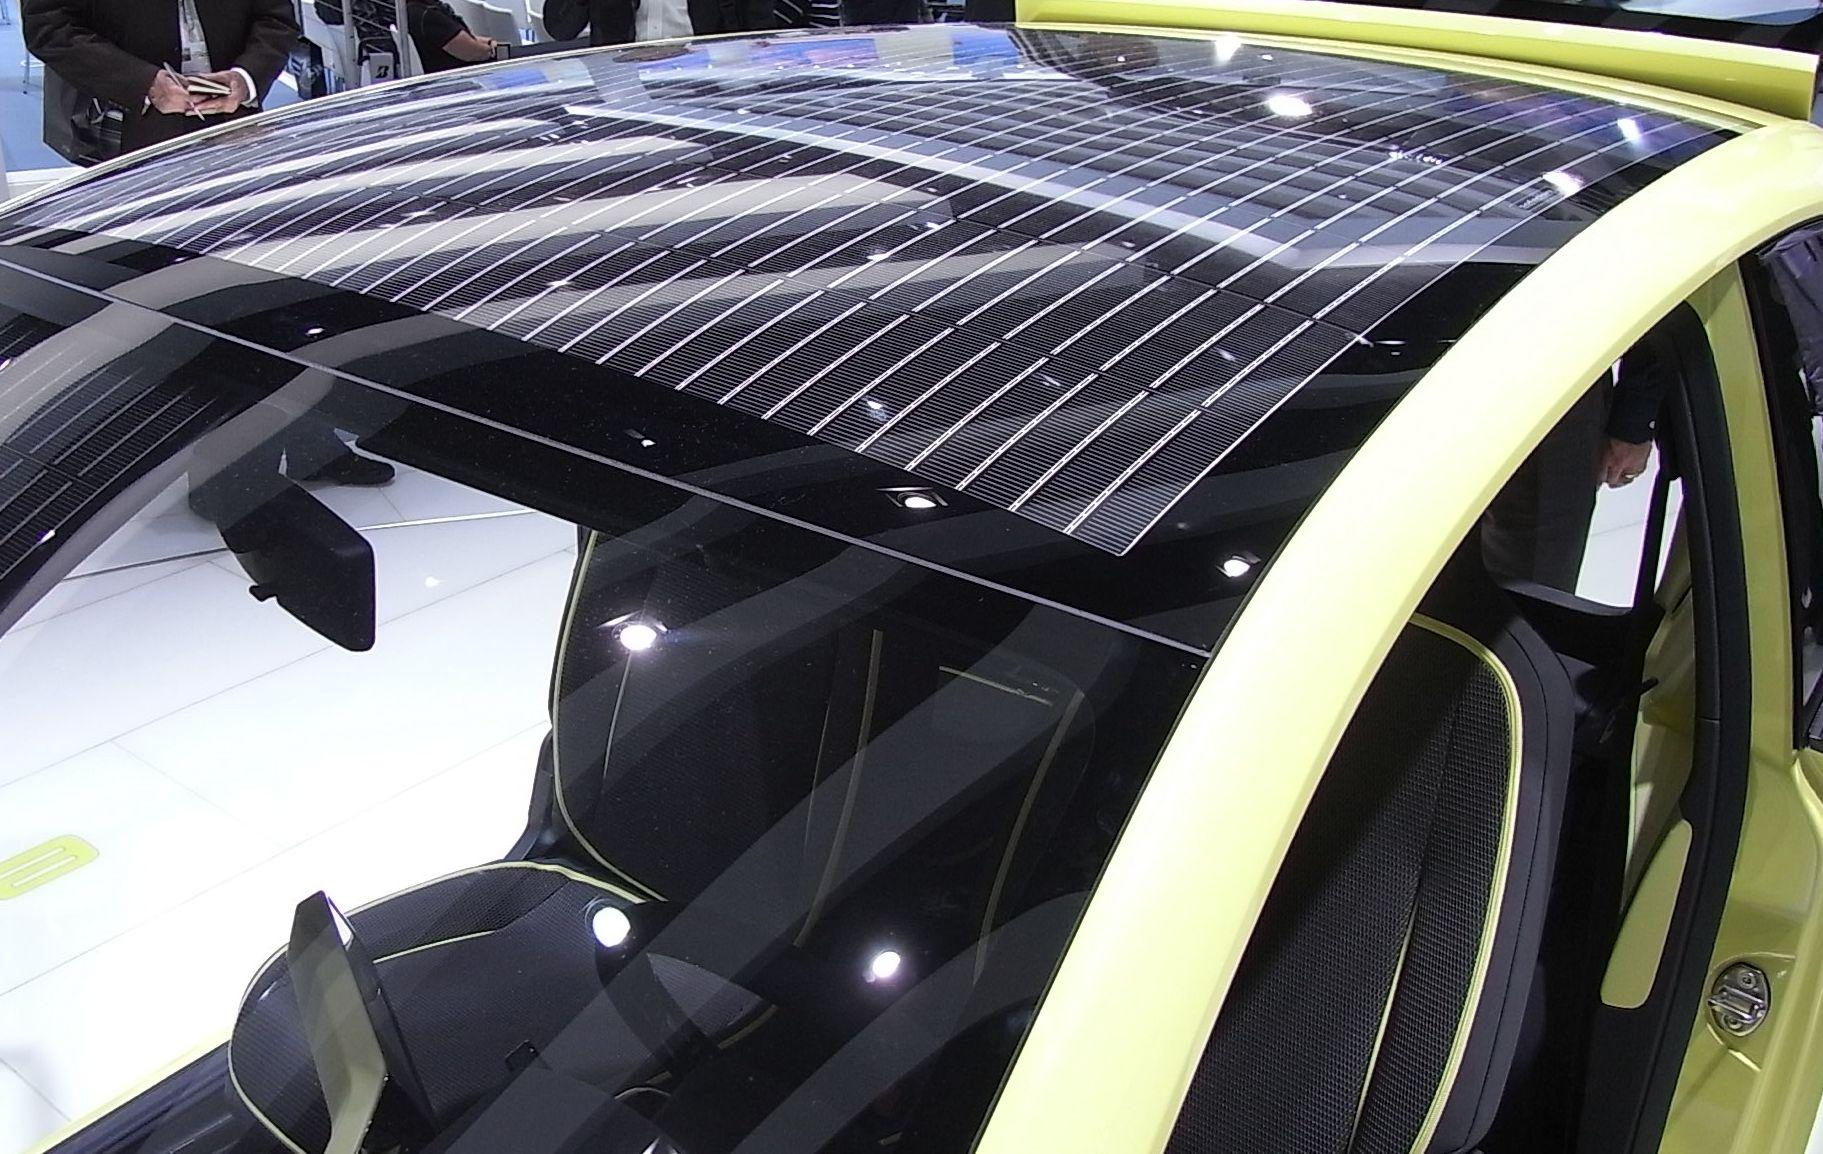 solarzellen auf dem autodaches dauert so seine zeit bis eine technik. Black Bedroom Furniture Sets. Home Design Ideas